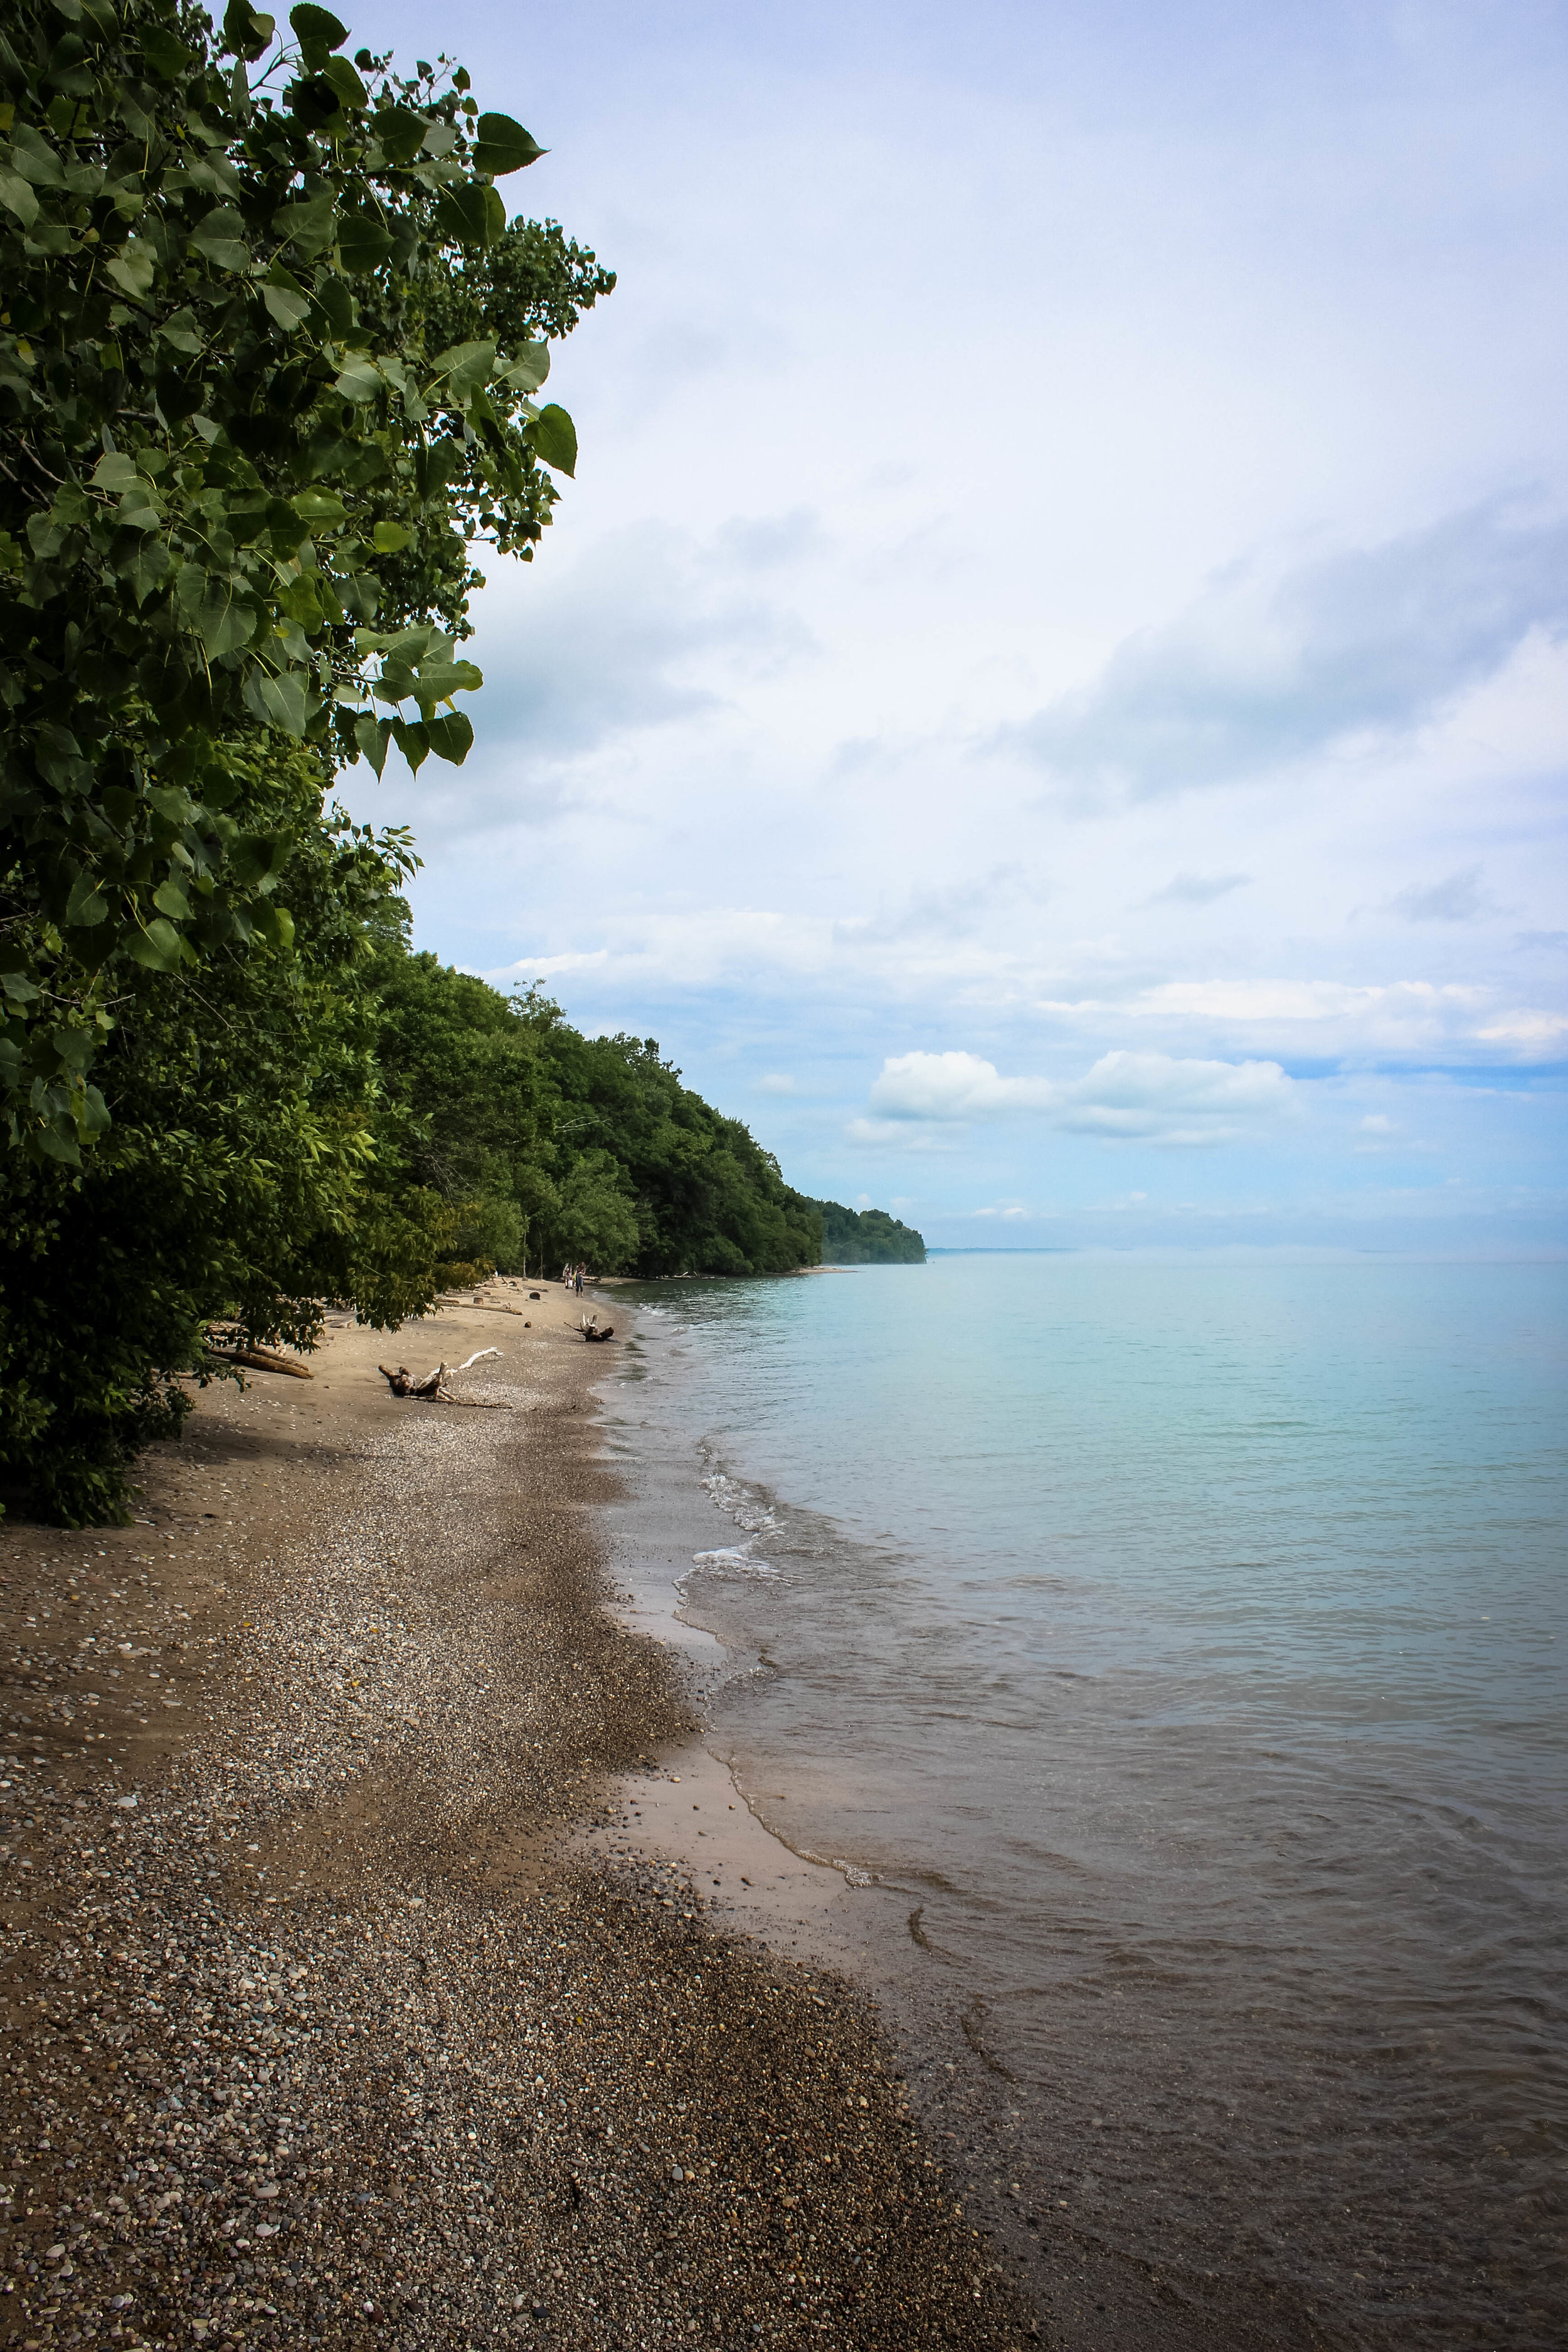 Lake Michigan MIL.jpg